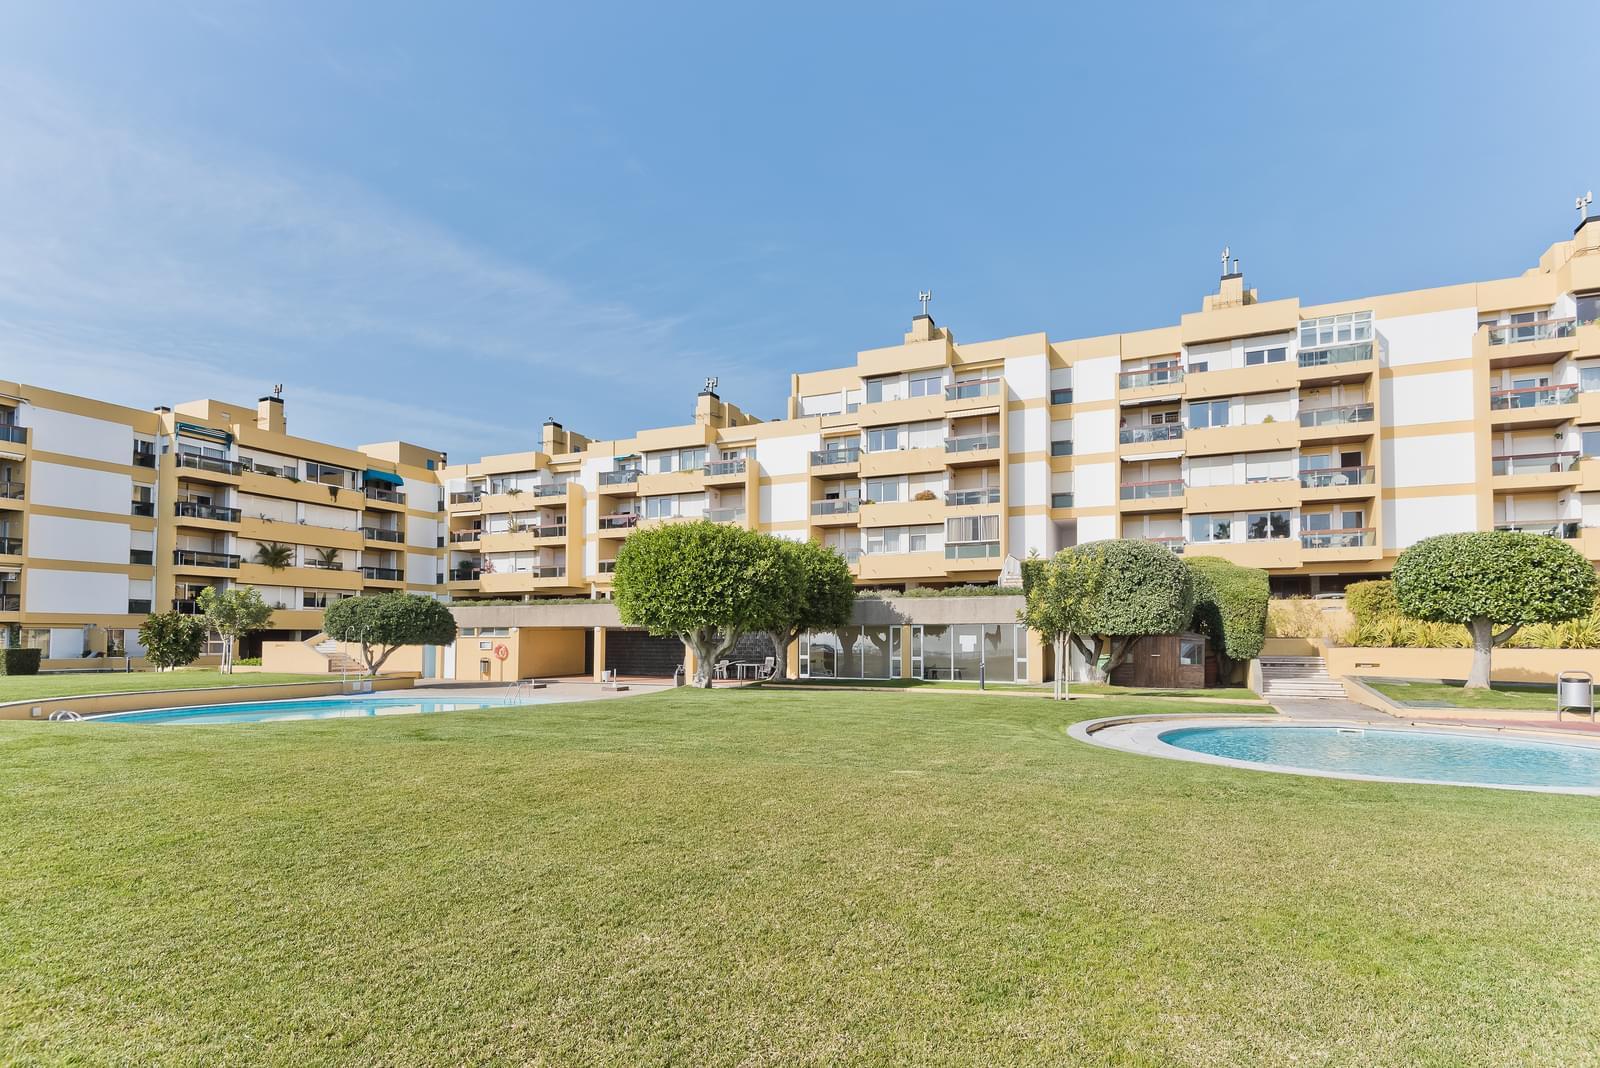 Apartamento T5 com piscina em condomínio fechado